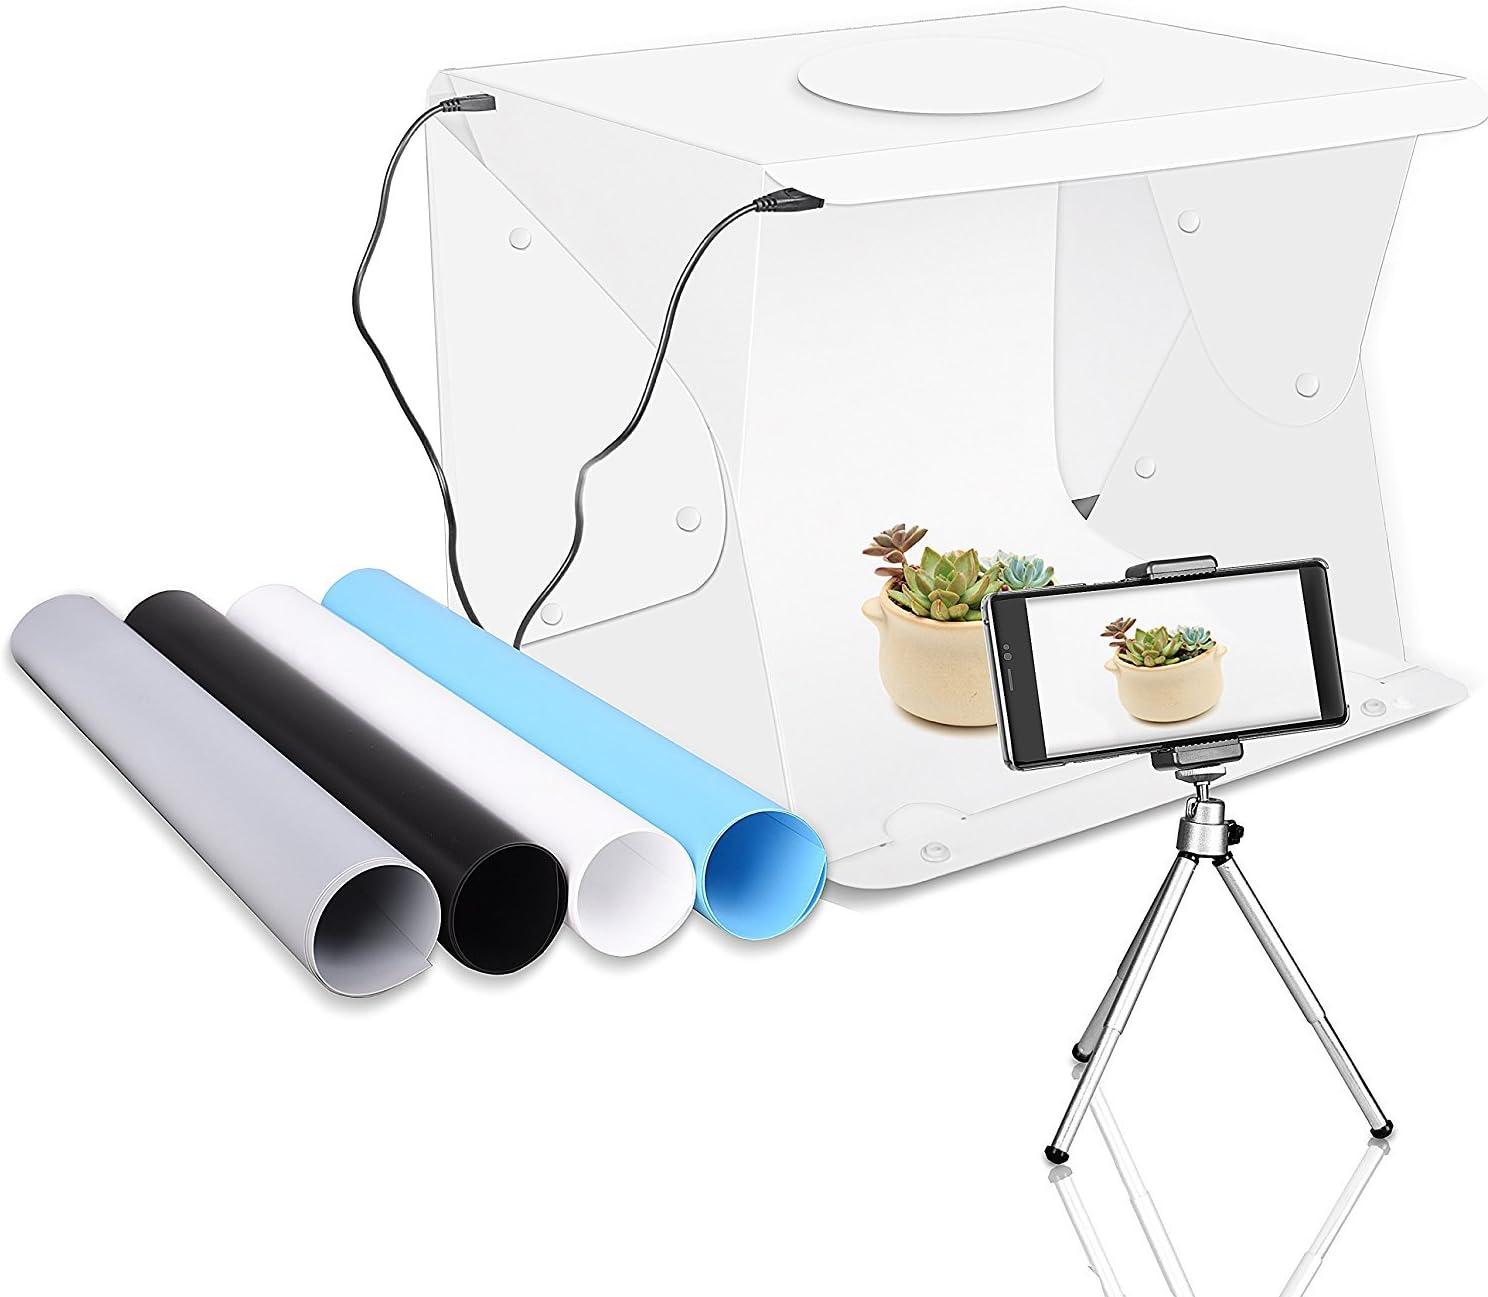 TFJ: Caja de luz Superior de 40 x 36 cm, 52 LED, portátil, para Estudio fotográfico: Amazon.es: Electrónica